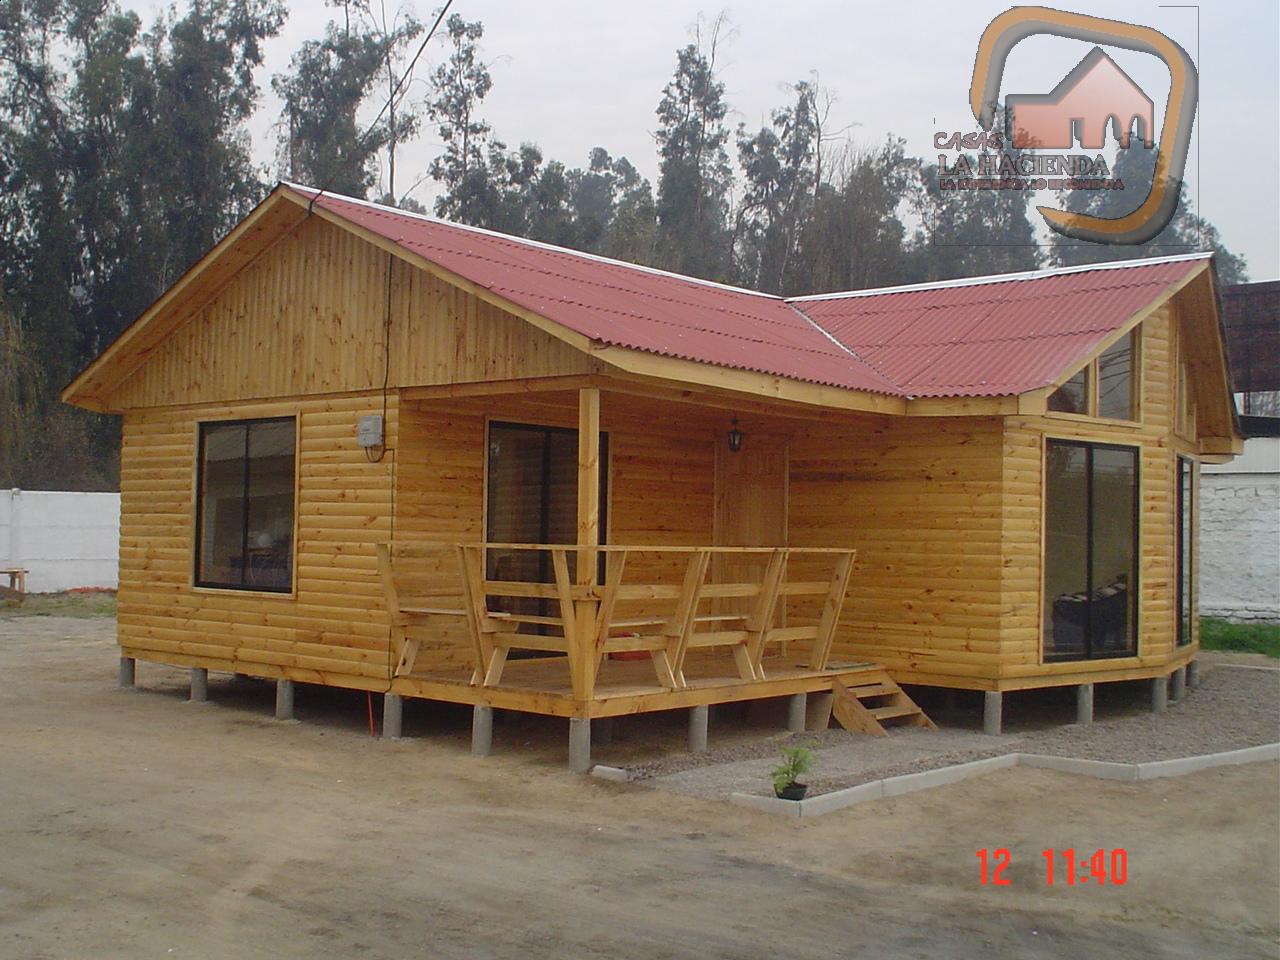 Casas prefabricada la hacienda - Prefabricados de madera ...